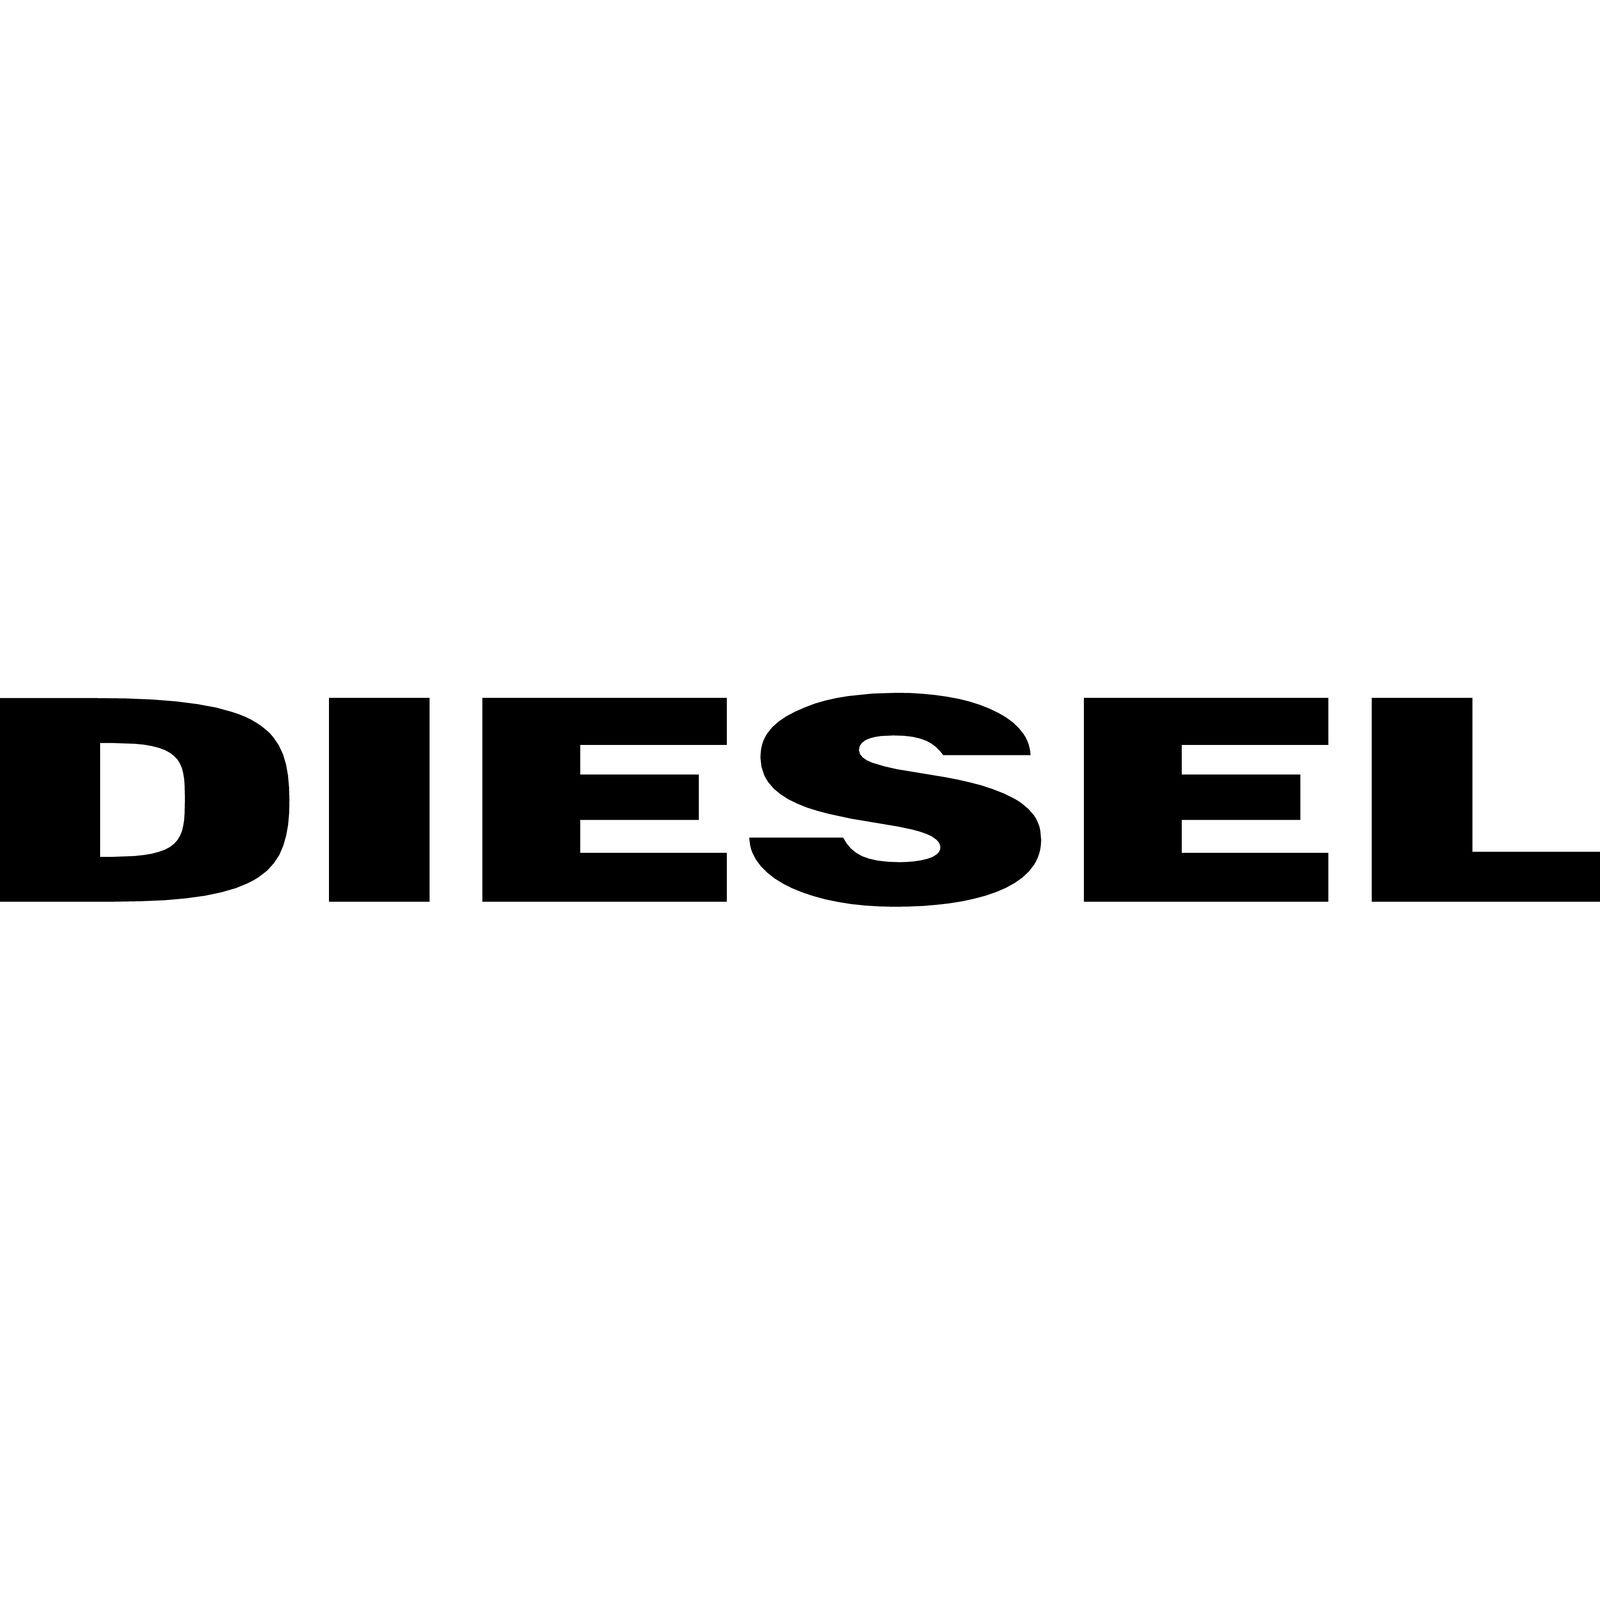 DIESEL (Imagen 1)